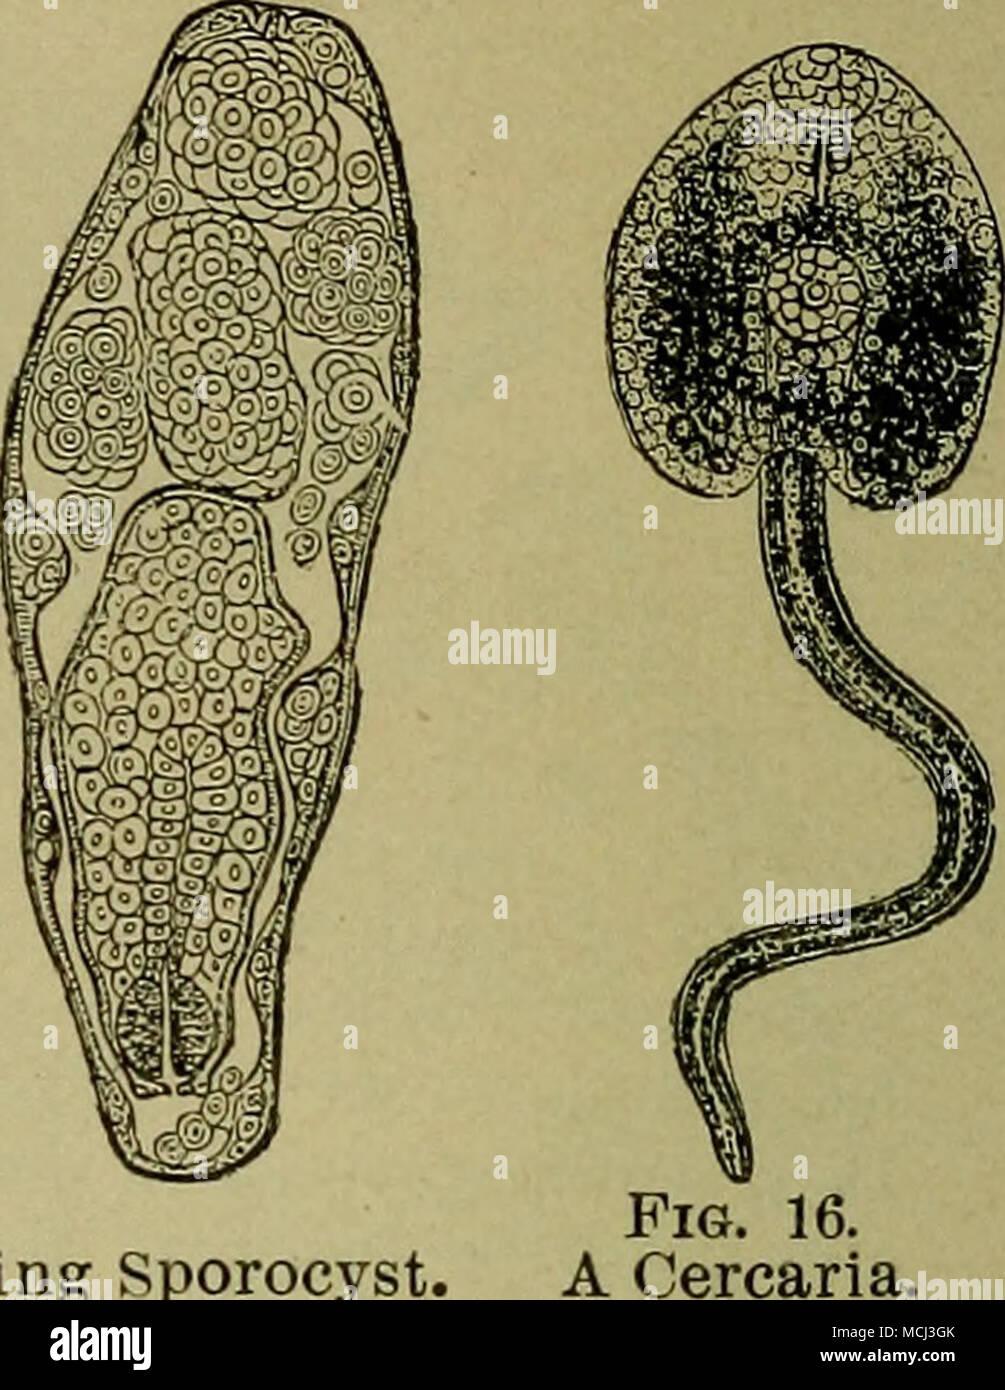 Abb 15 Eine Reife Und Division Sporocyst Bauchige Zuerst Die